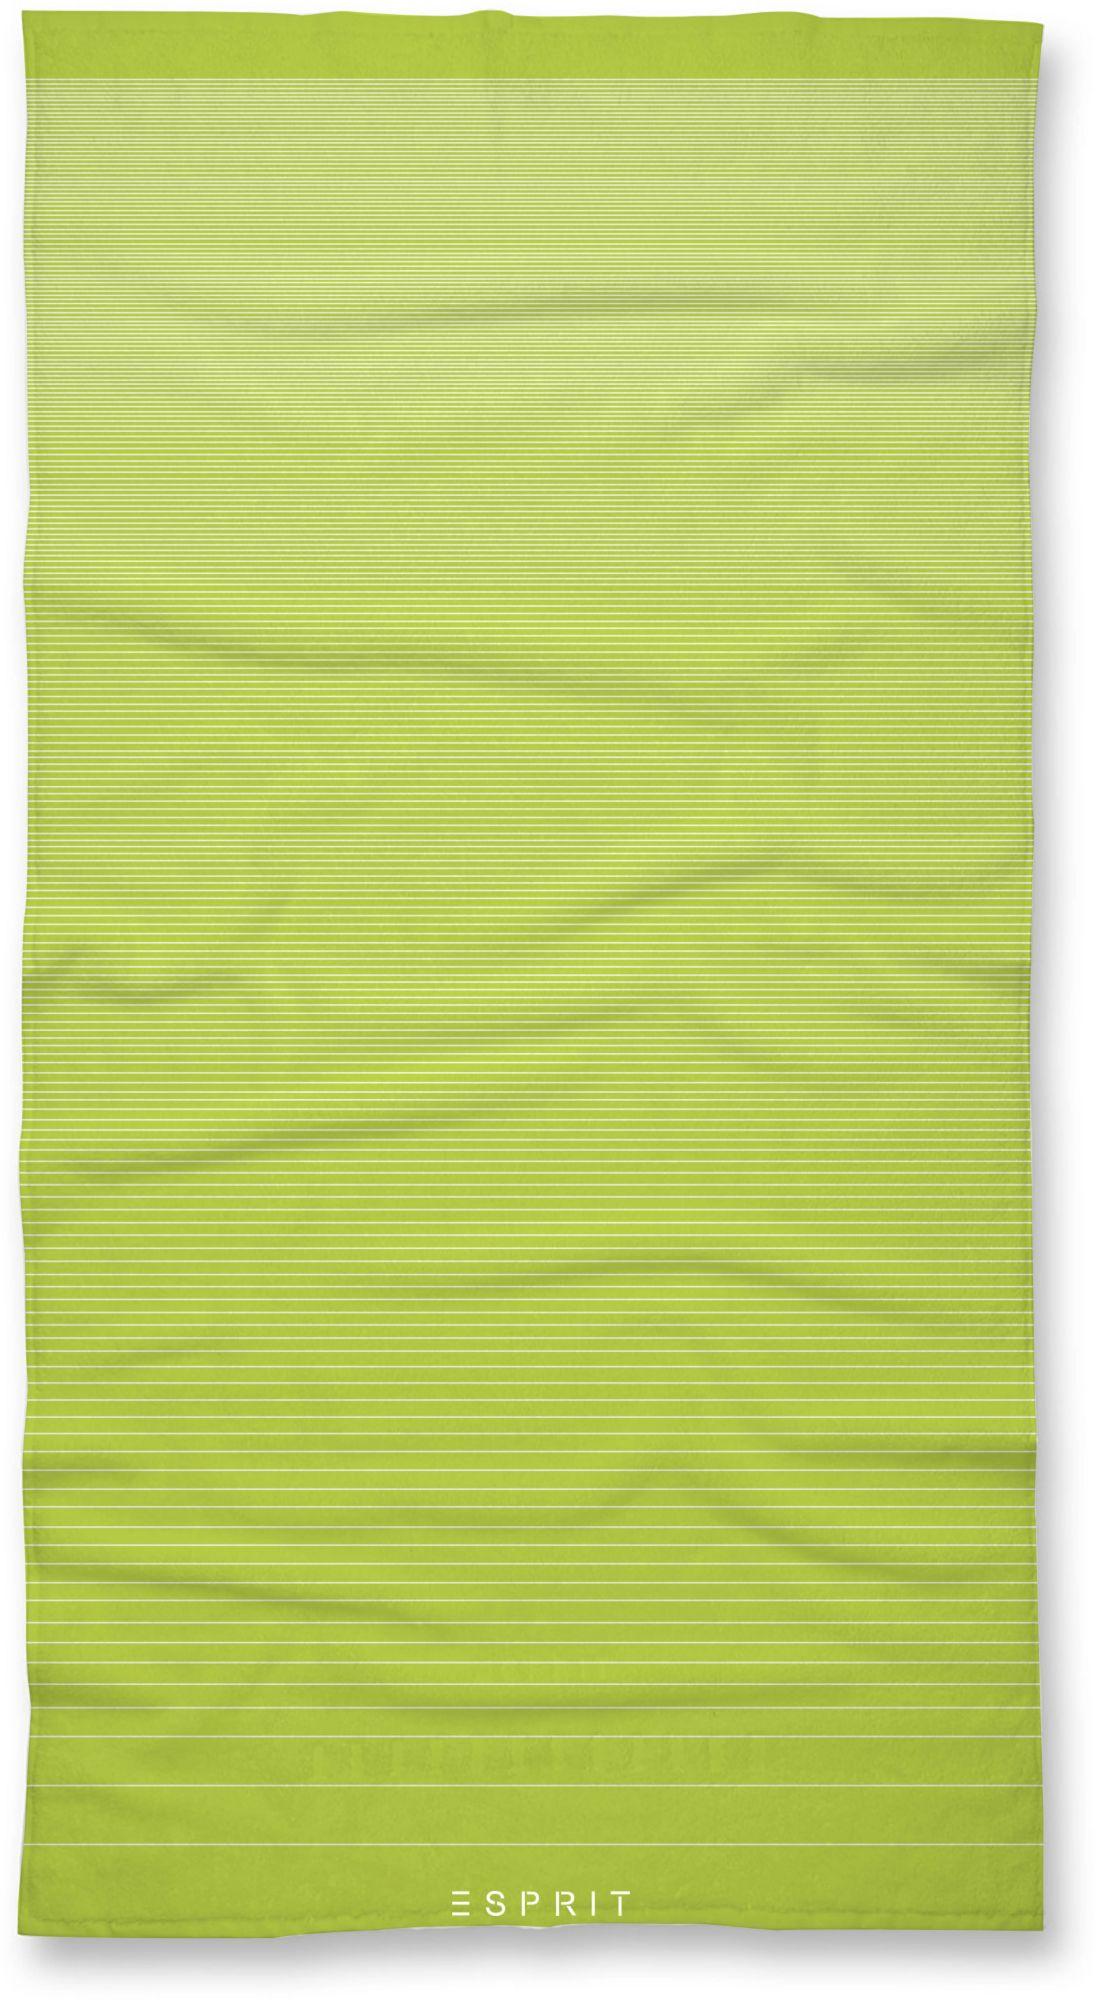 ESPRIT HOME Badetuch, Esprit, »Grade«, im modernen Streifen-Design